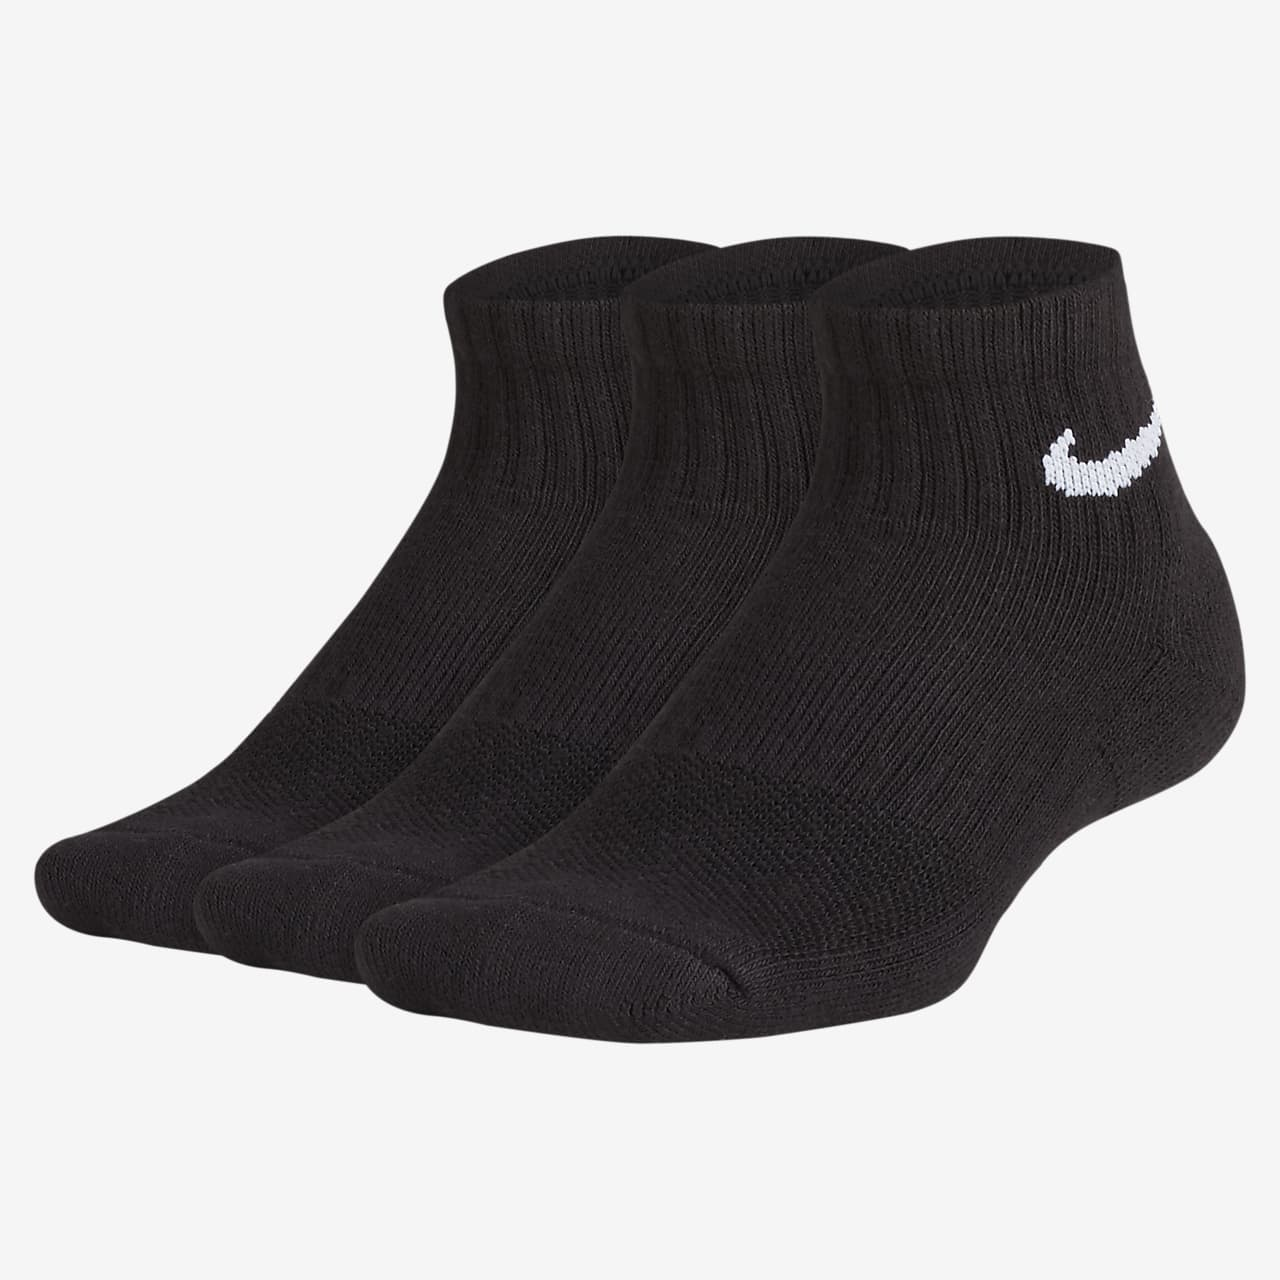 Kotníkové polstrované ponožky Nike Everyday s grafickým motivem pro větší děti (3 páry)